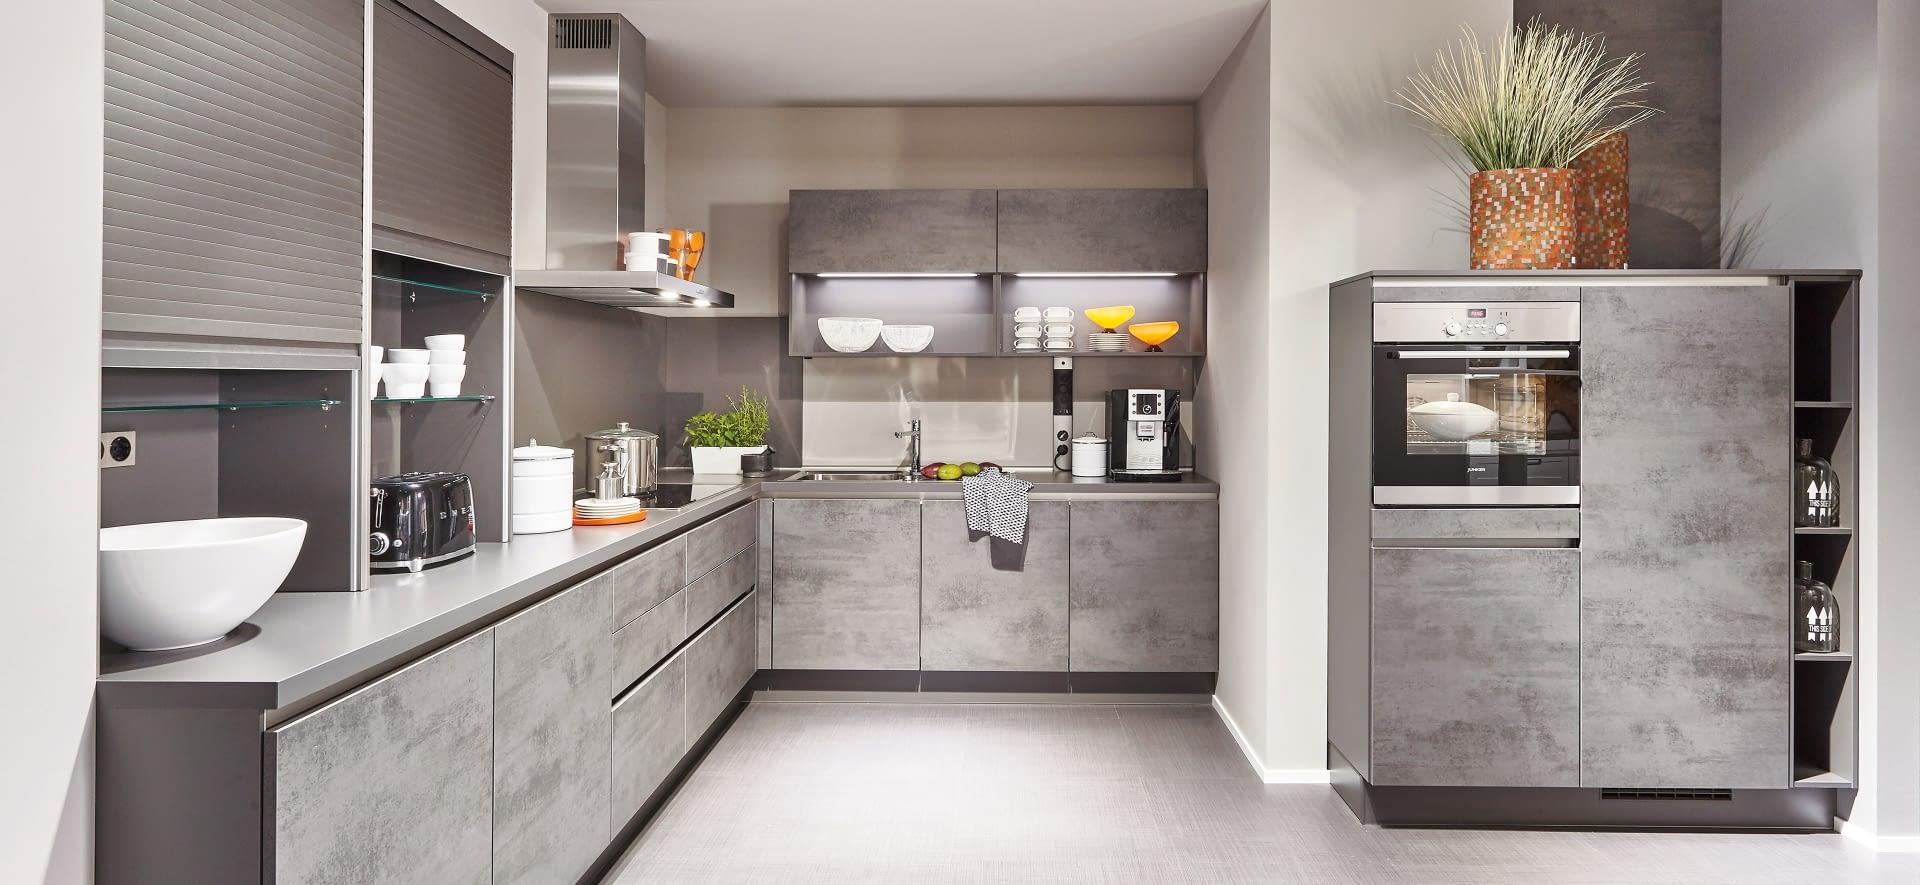 Designkuche Riva Beton Mit Cemento Molino Marquardt Kuchen